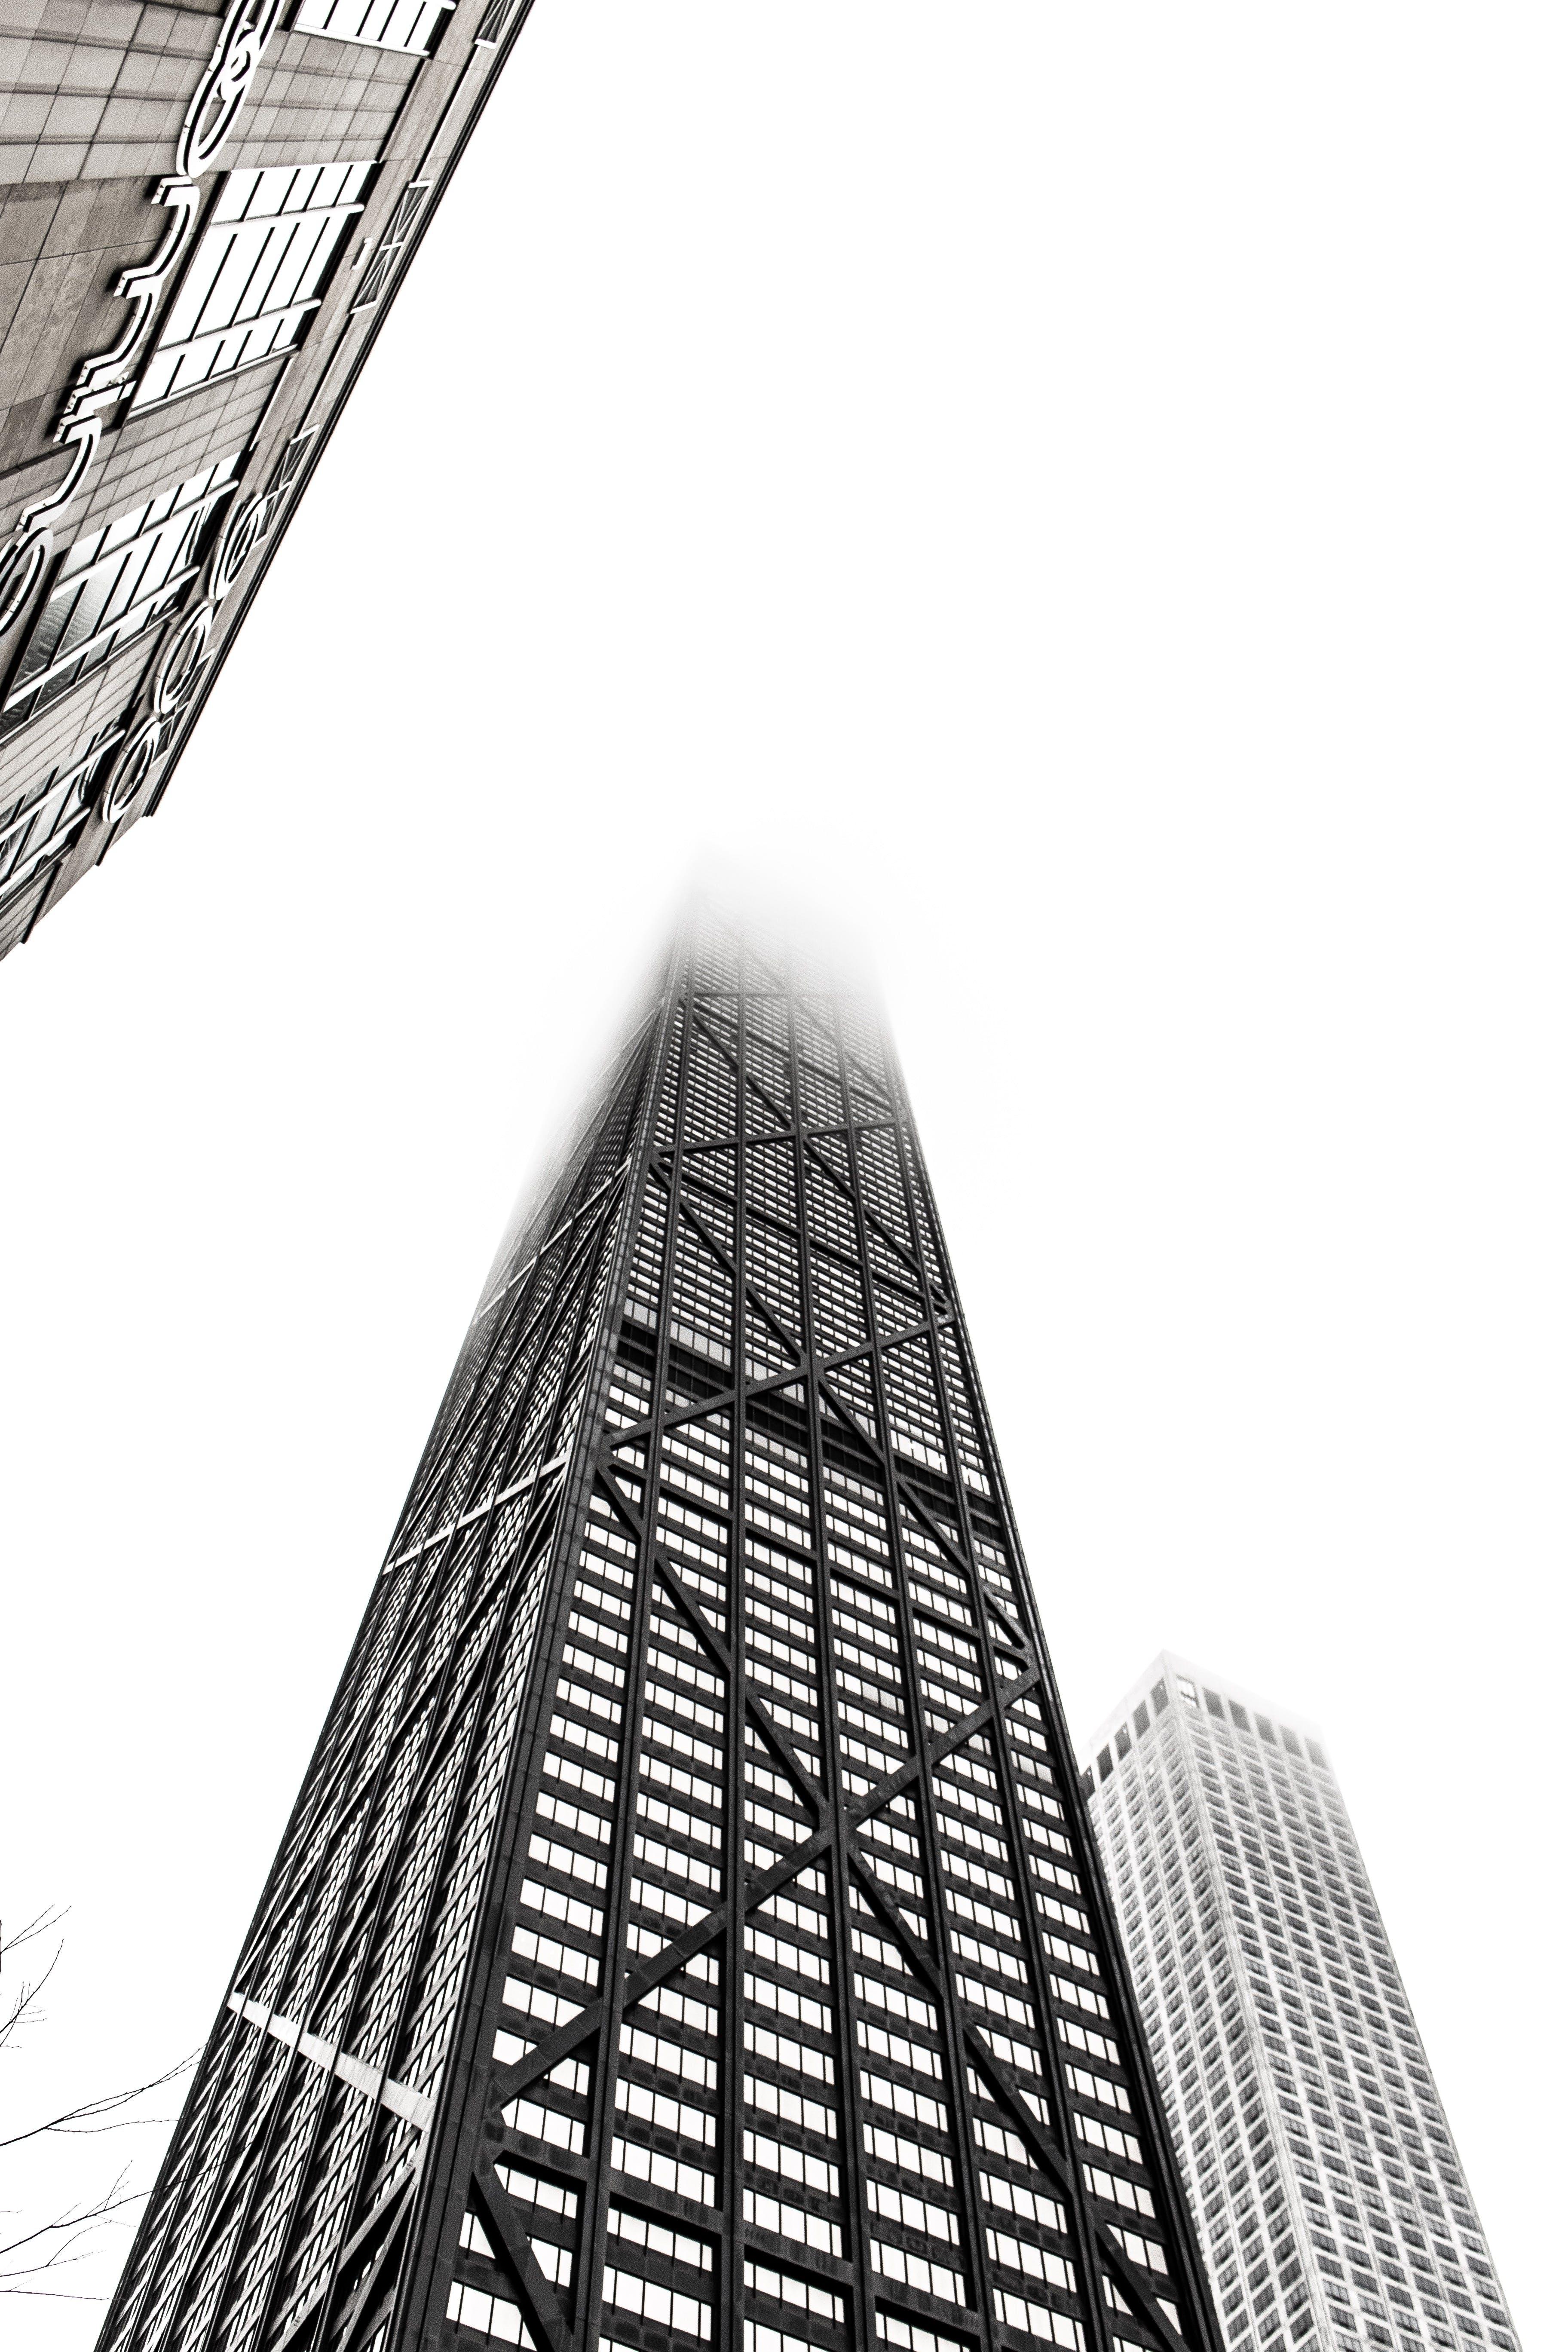 bakış açısı, bina, bulutlu, dar açılı çekim içeren Ücretsiz stok fotoğraf